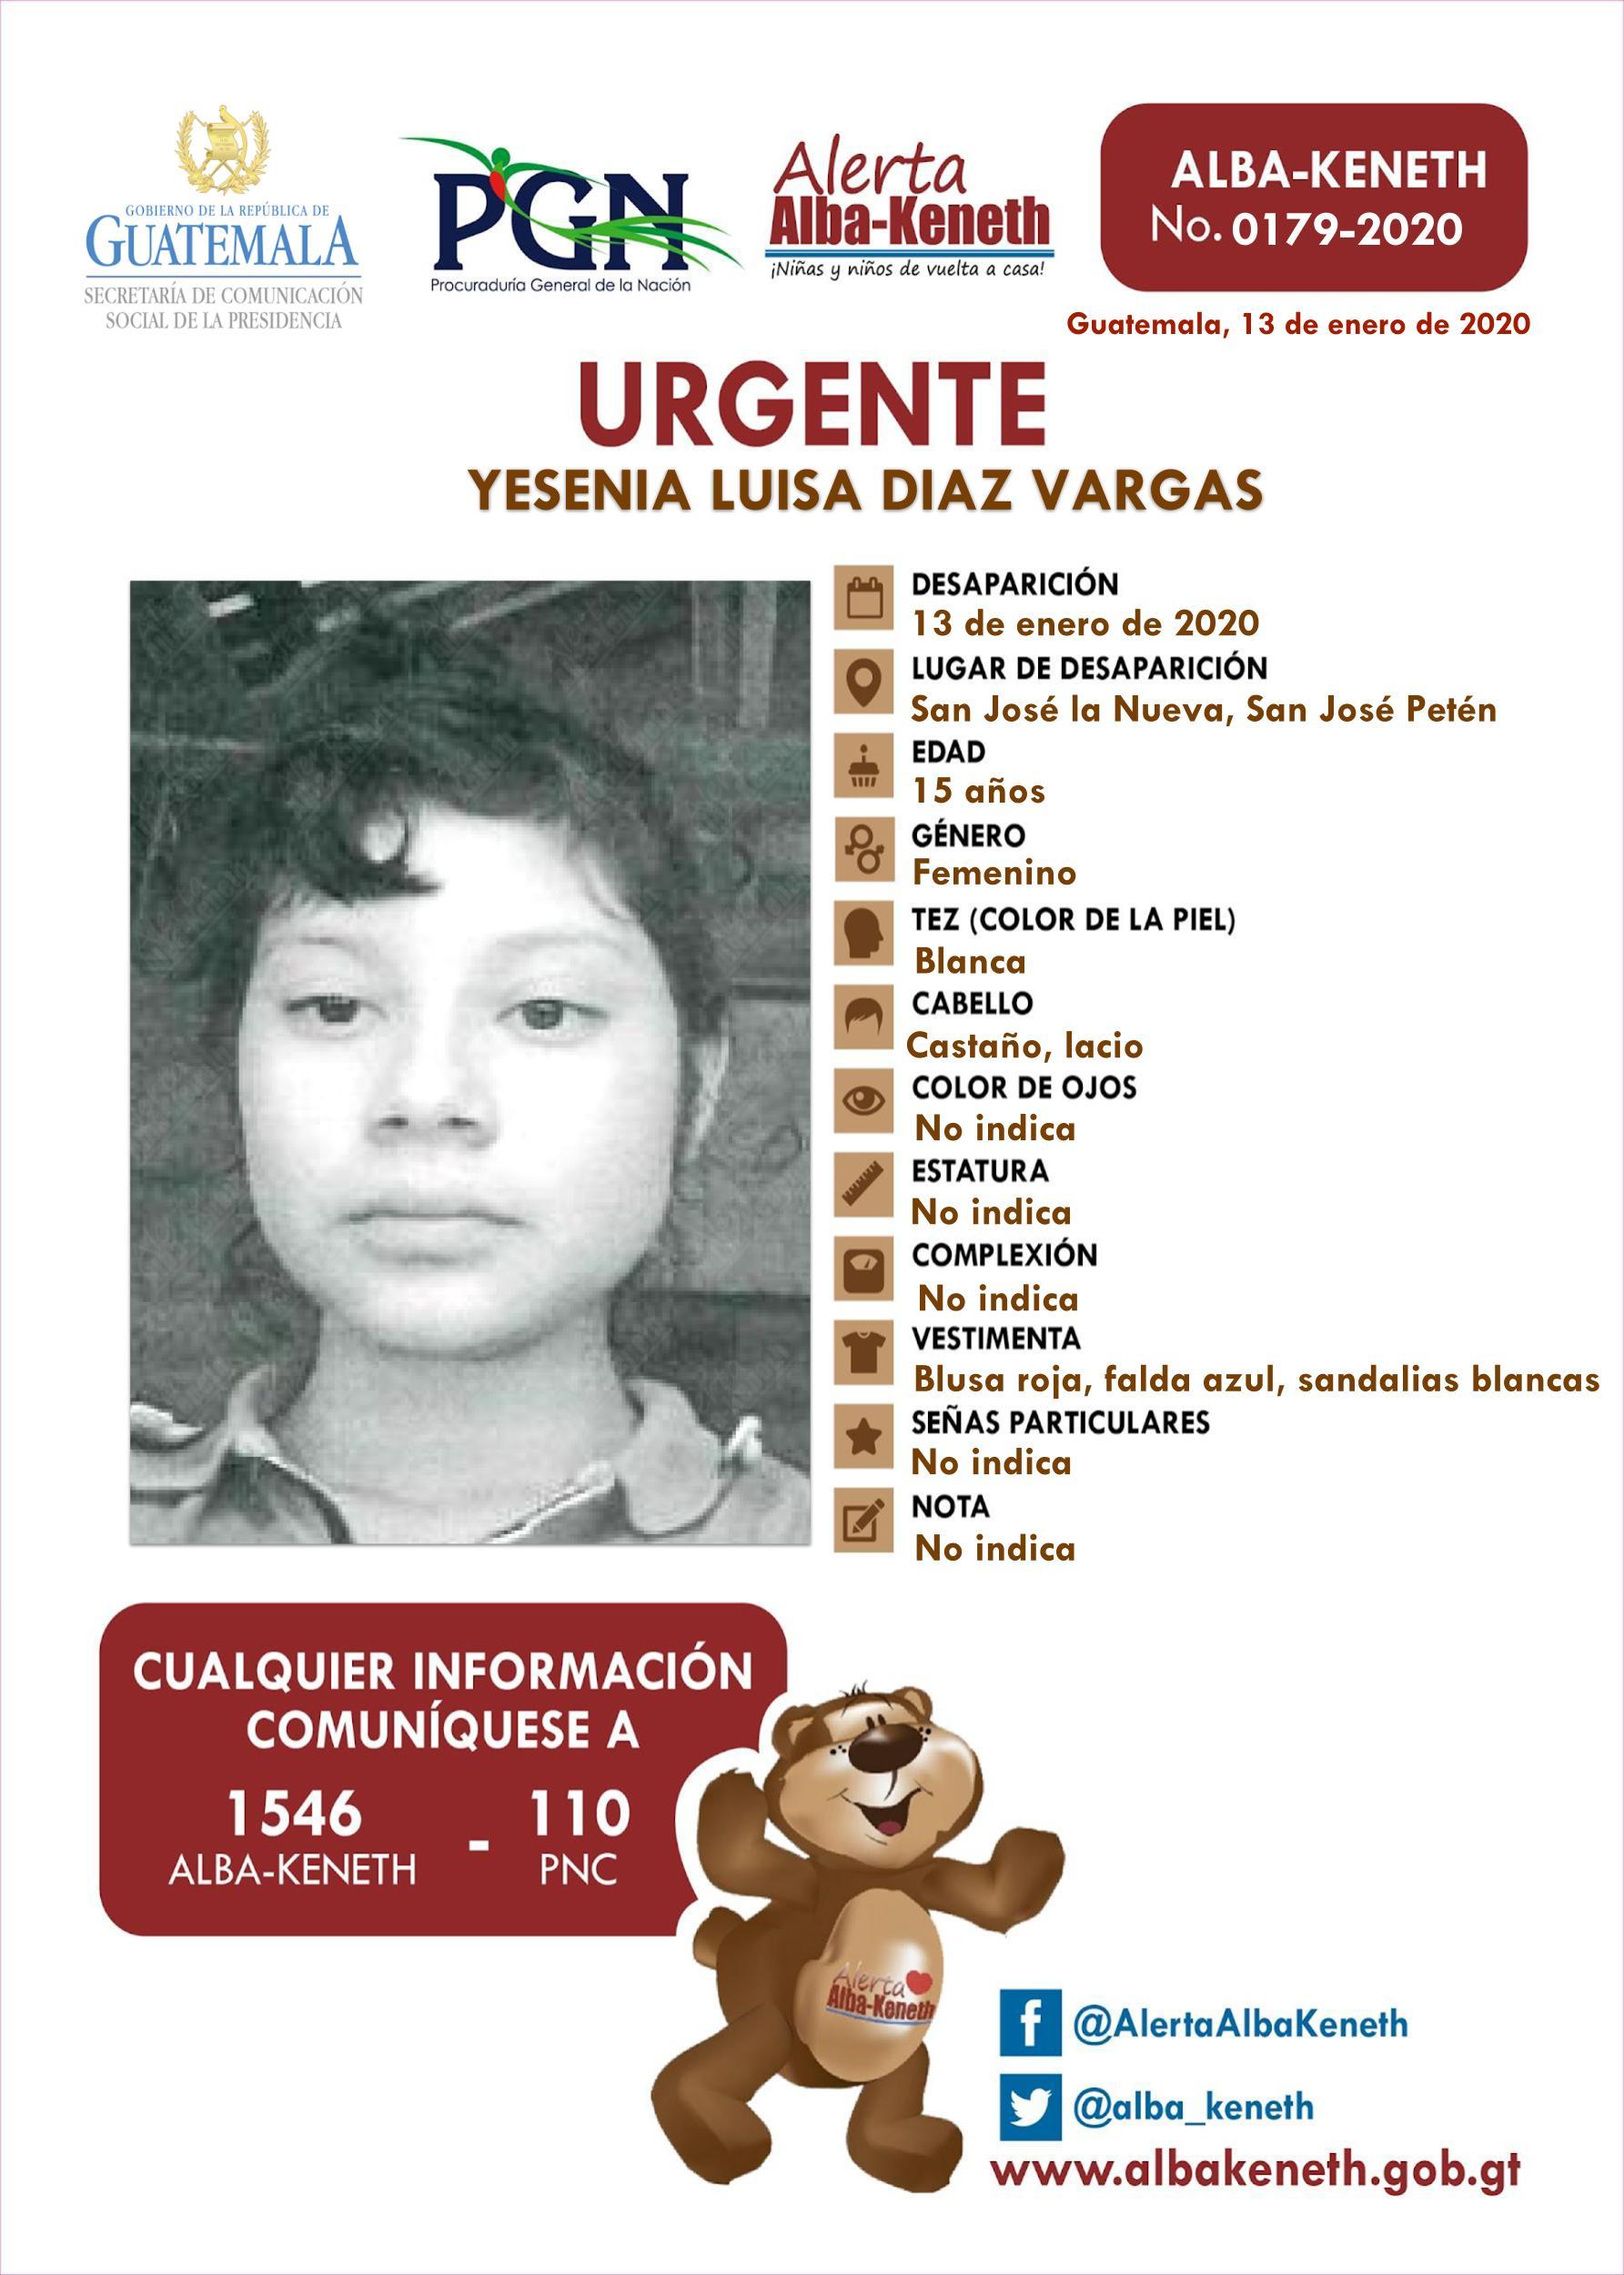 Yesenia Luisa Diaz Vargas